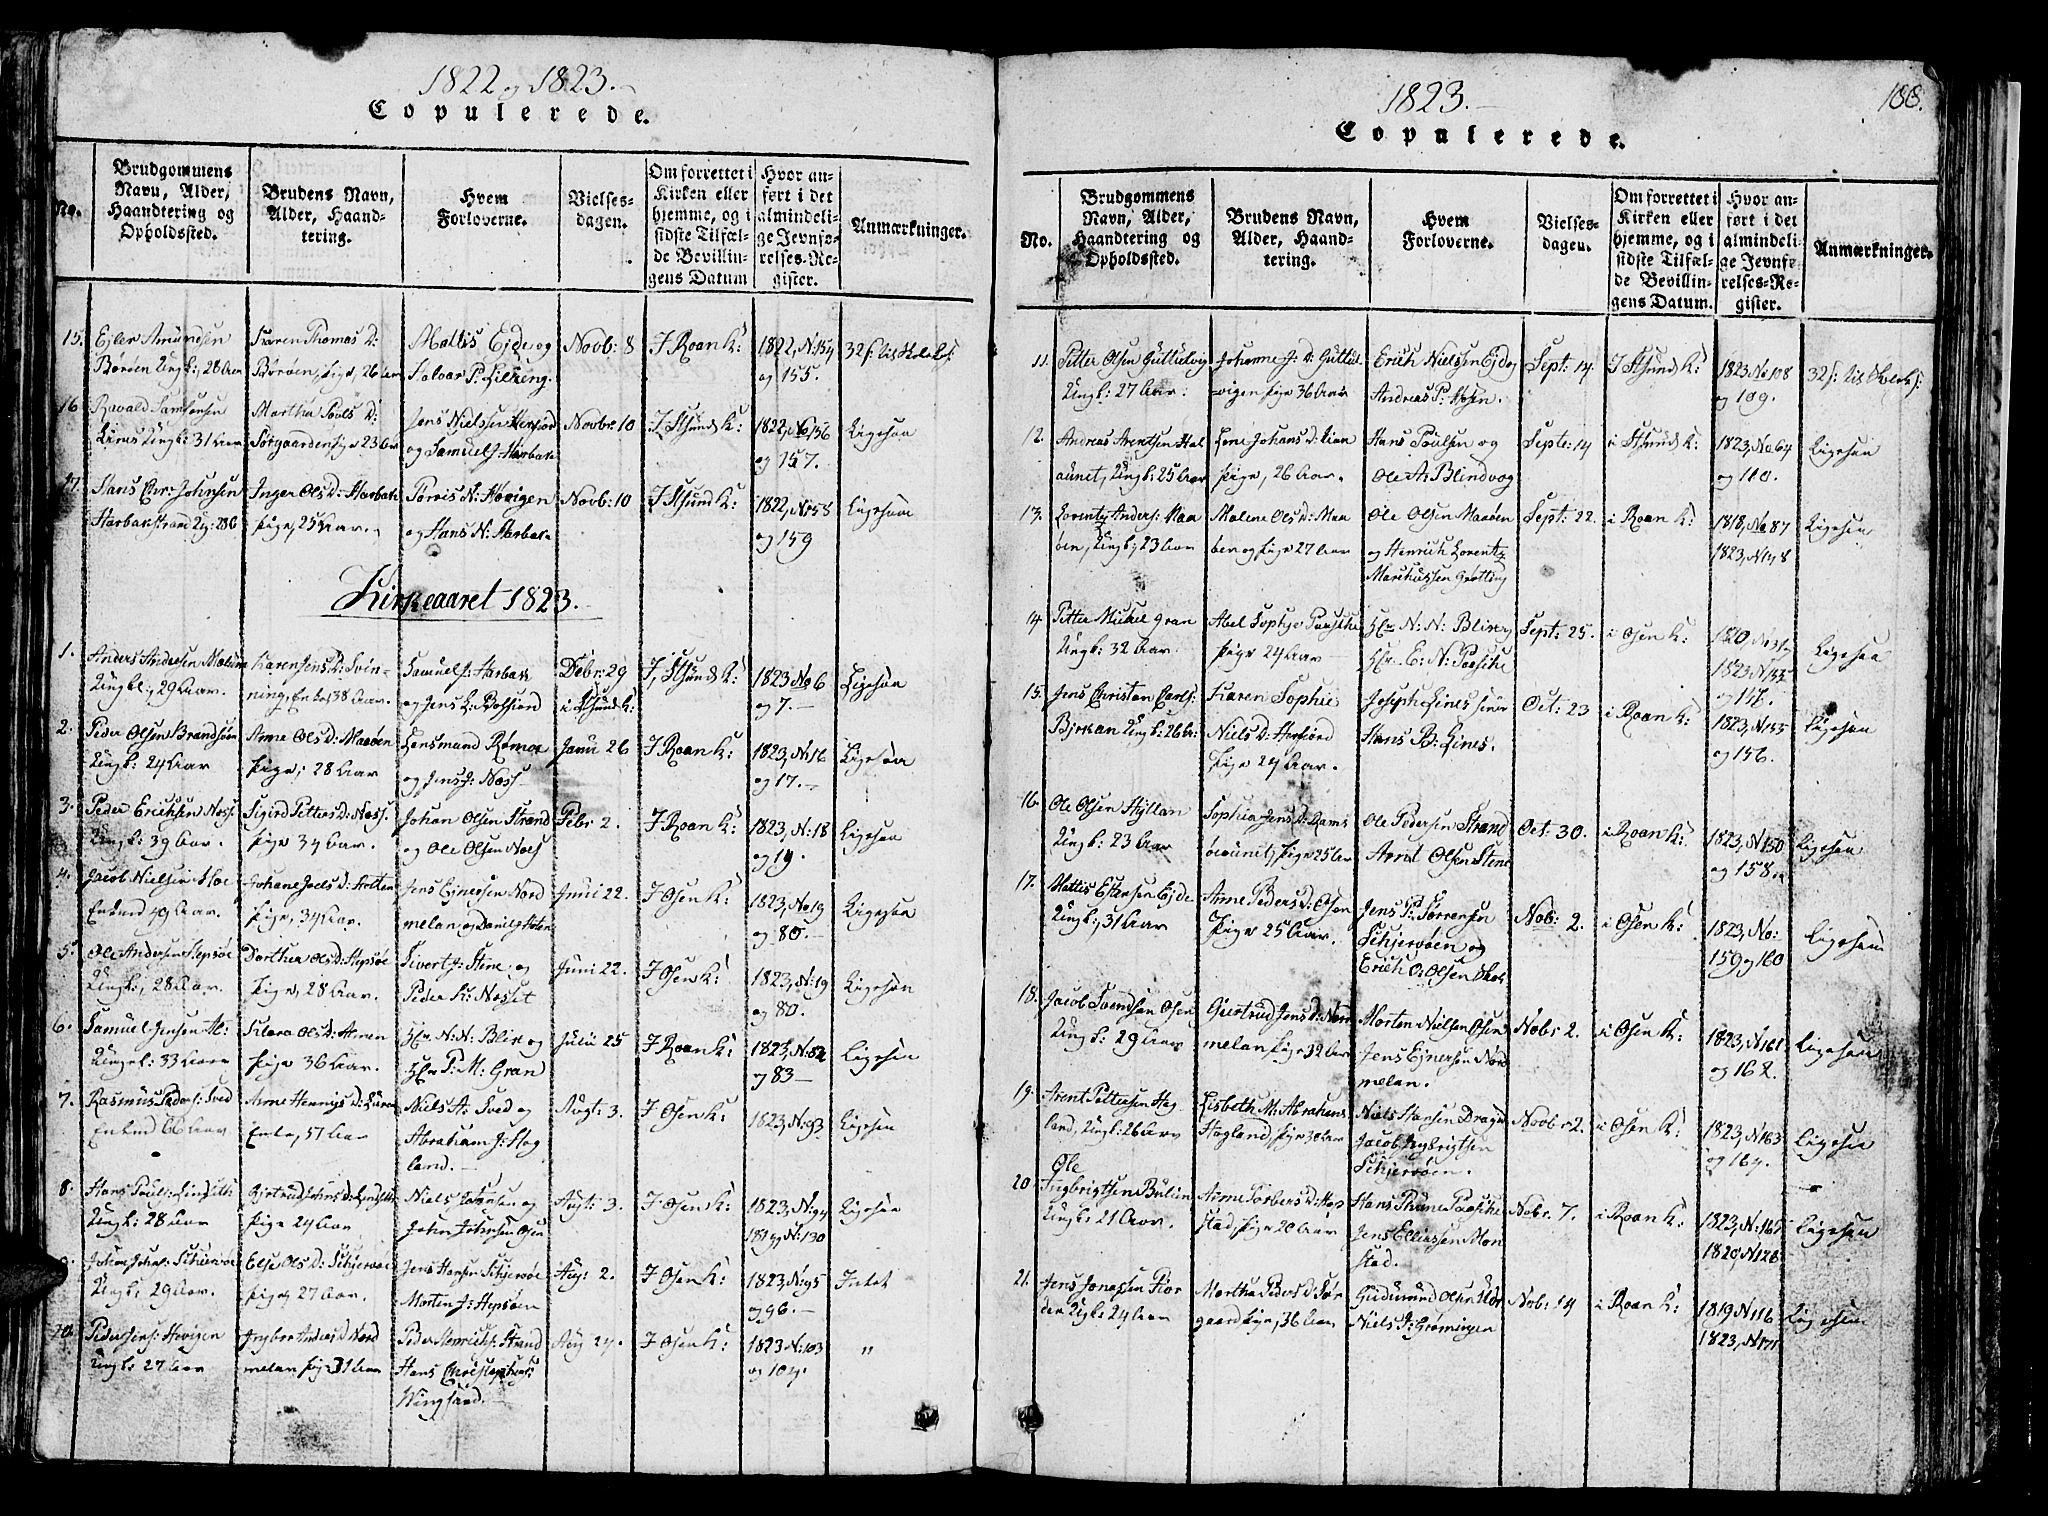 SAT, Ministerialprotokoller, klokkerbøker og fødselsregistre - Sør-Trøndelag, 657/L0714: Klokkerbok nr. 657C01, 1818-1868, s. 188